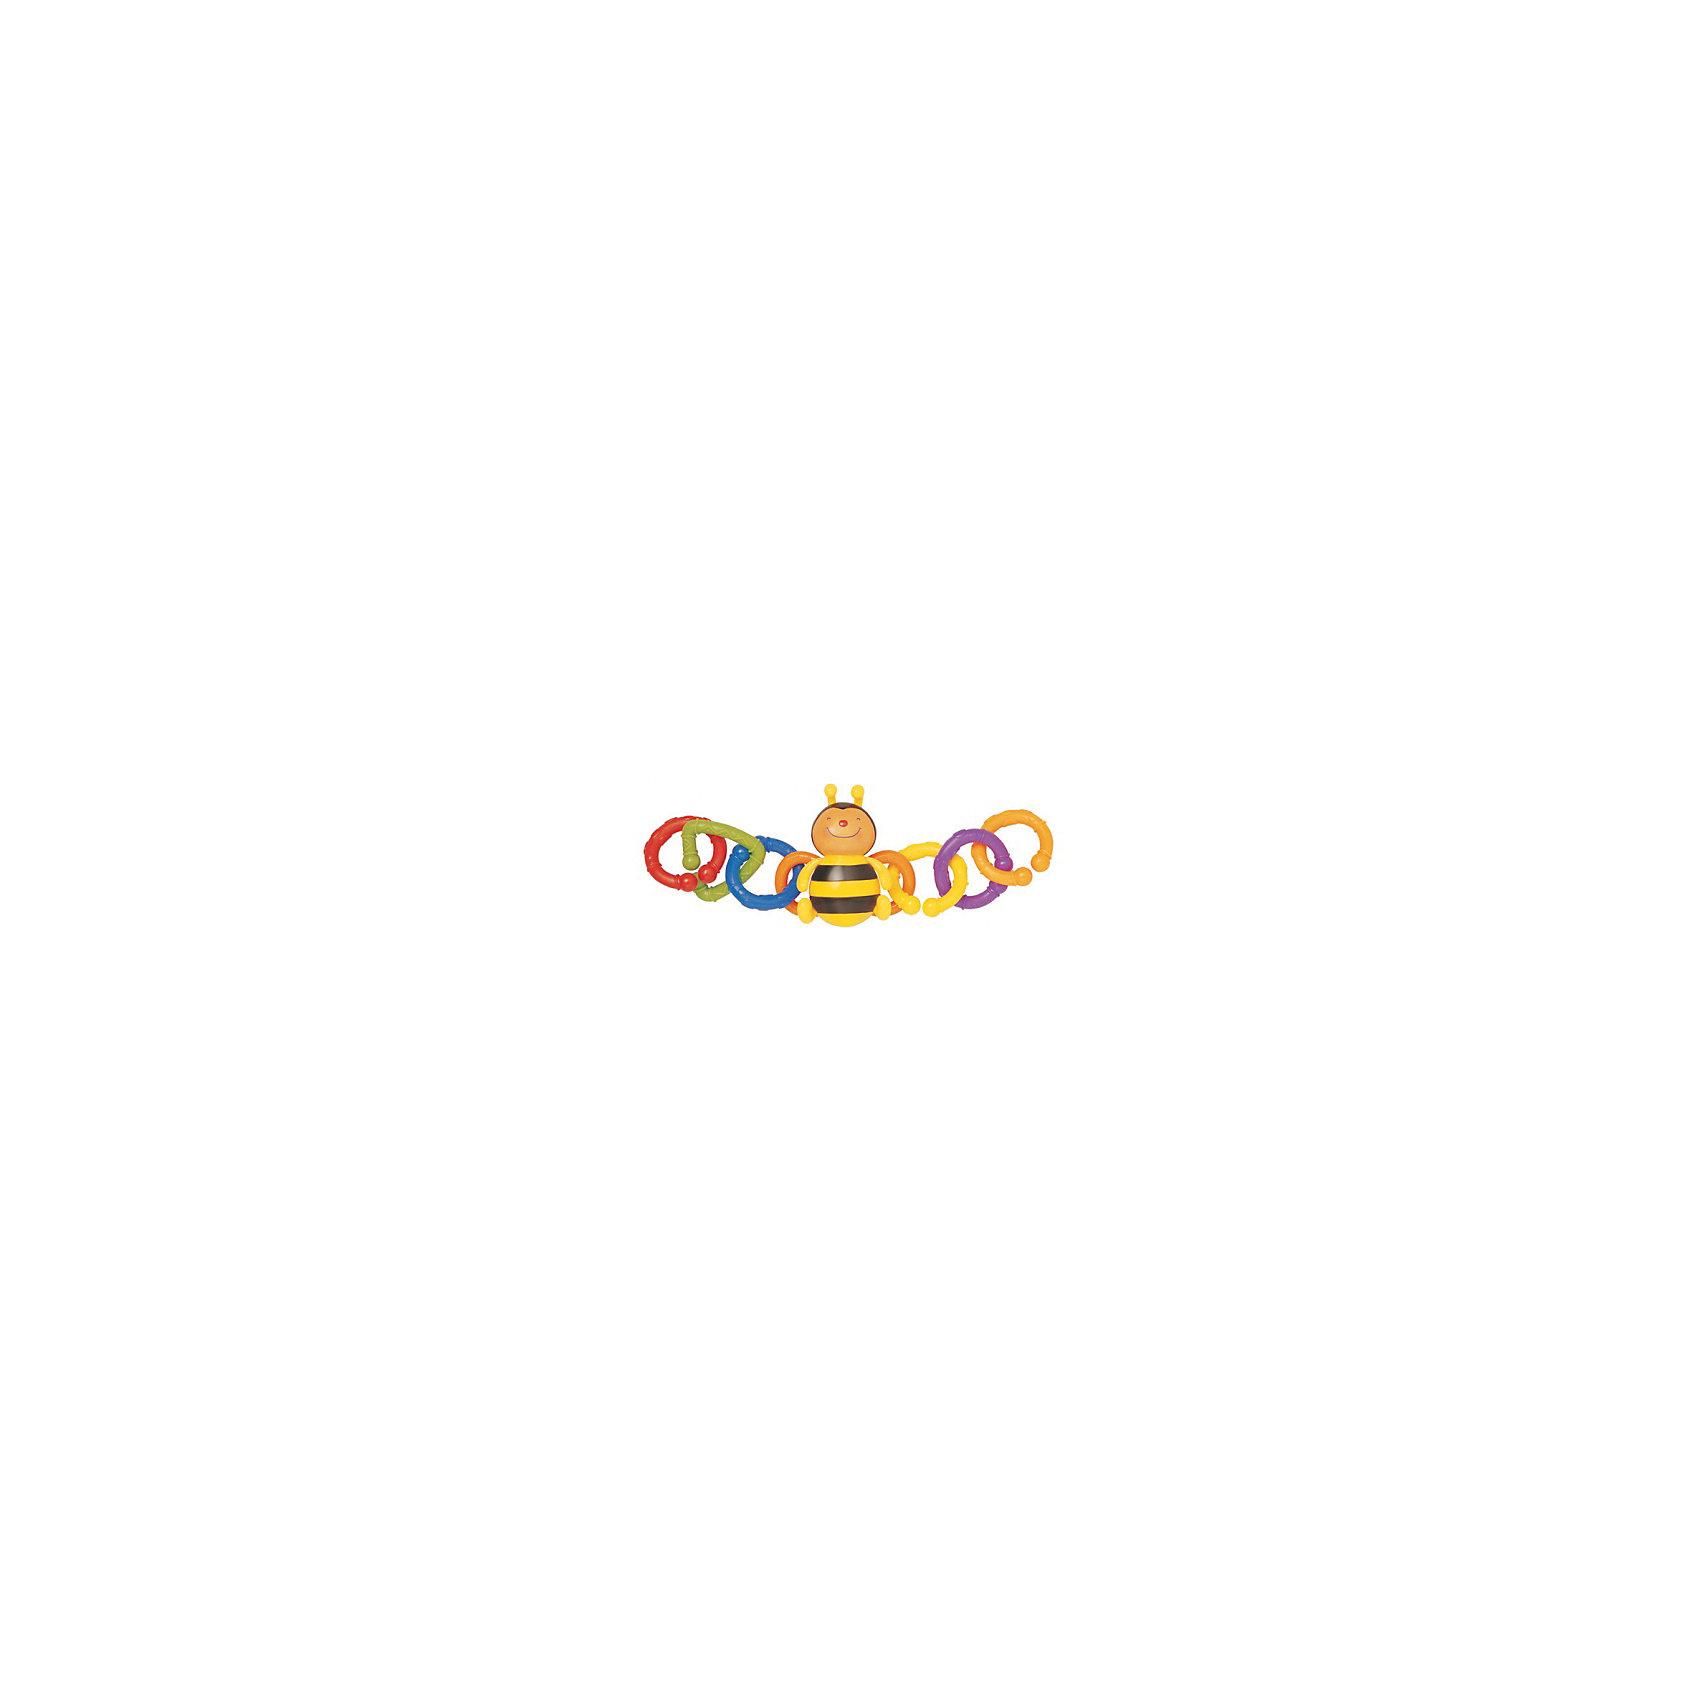 Набор для коляски Пчелка, Ks KidsНабор для коляски Пчелка, Ks Kids (Кс Кидс) ? развивающая яркая игрушка-подвеска, предназначенная для детей с самого рождения. Оригинальная форма исполнения ? в центре фигурка веселой пчелки, у которой к крыльям прикреплены по три кольца в обе стороны ?обеспечивает ее функциональность и длительное использование. Эта погремушка может быть прикреплена не только к поручню коляски, но и к кроватке, автокреслу, стульчику для кормления или к бортикам манежа. Закрепляться она может как с двух сторон, так и с одной.<br>Разноцветные кольца разной фактуры, цвета и форм набора для коляски Пчелка, Ks Kids (Кс Кидс) позволяют развивать зрительное восприятие, тактильные ощущения и хватательный рефлекс с самых первых дней жизни малыша. Подросшим малышам, данная игрушка будет незаменимой в качестве грызунка во время прорезывания зубов. <br>Годовалому малышу набор для коляски Пчелка, Ks Kids позволит в легкой игровой форме изучить основные цвета и формы.<br>Игрушка для коляски Пчелка, Ks Kids (Кс Кидс) изготовлена из экологически безопасных материалов, устойчивых к механическим повреждениям и выгоранию цвета.<br><br>Дополнительная информация:<br><br>- Вид игр: развивающие<br>- Предназначение: для дома, для прогулки<br>- Материал: текстиль, пластик<br>- Размер: 11*11*35 см<br>- Вес: 170 г<br>- Комплектация: фигурка пчелки, 6 съемных колец разного цвета и формы <br>- Особенности ухода: разрешается деликатная стирка <br><br>Подробнее:<br><br>• Для детей в возрасте: от 0 месяцев до 1 года<br>• Страна производитель: Китай<br>• Торговый бренд: Ks Kids<br><br>Набор для коляски Пчелка, Ks Kids  (Кс Кидс) можно купить в нашем интернет-магазине.<br><br>Ширина мм: 110<br>Глубина мм: 110<br>Высота мм: 35<br>Вес г: 170<br>Возраст от месяцев: 0<br>Возраст до месяцев: 12<br>Пол: Унисекс<br>Возраст: Детский<br>SKU: 4799438